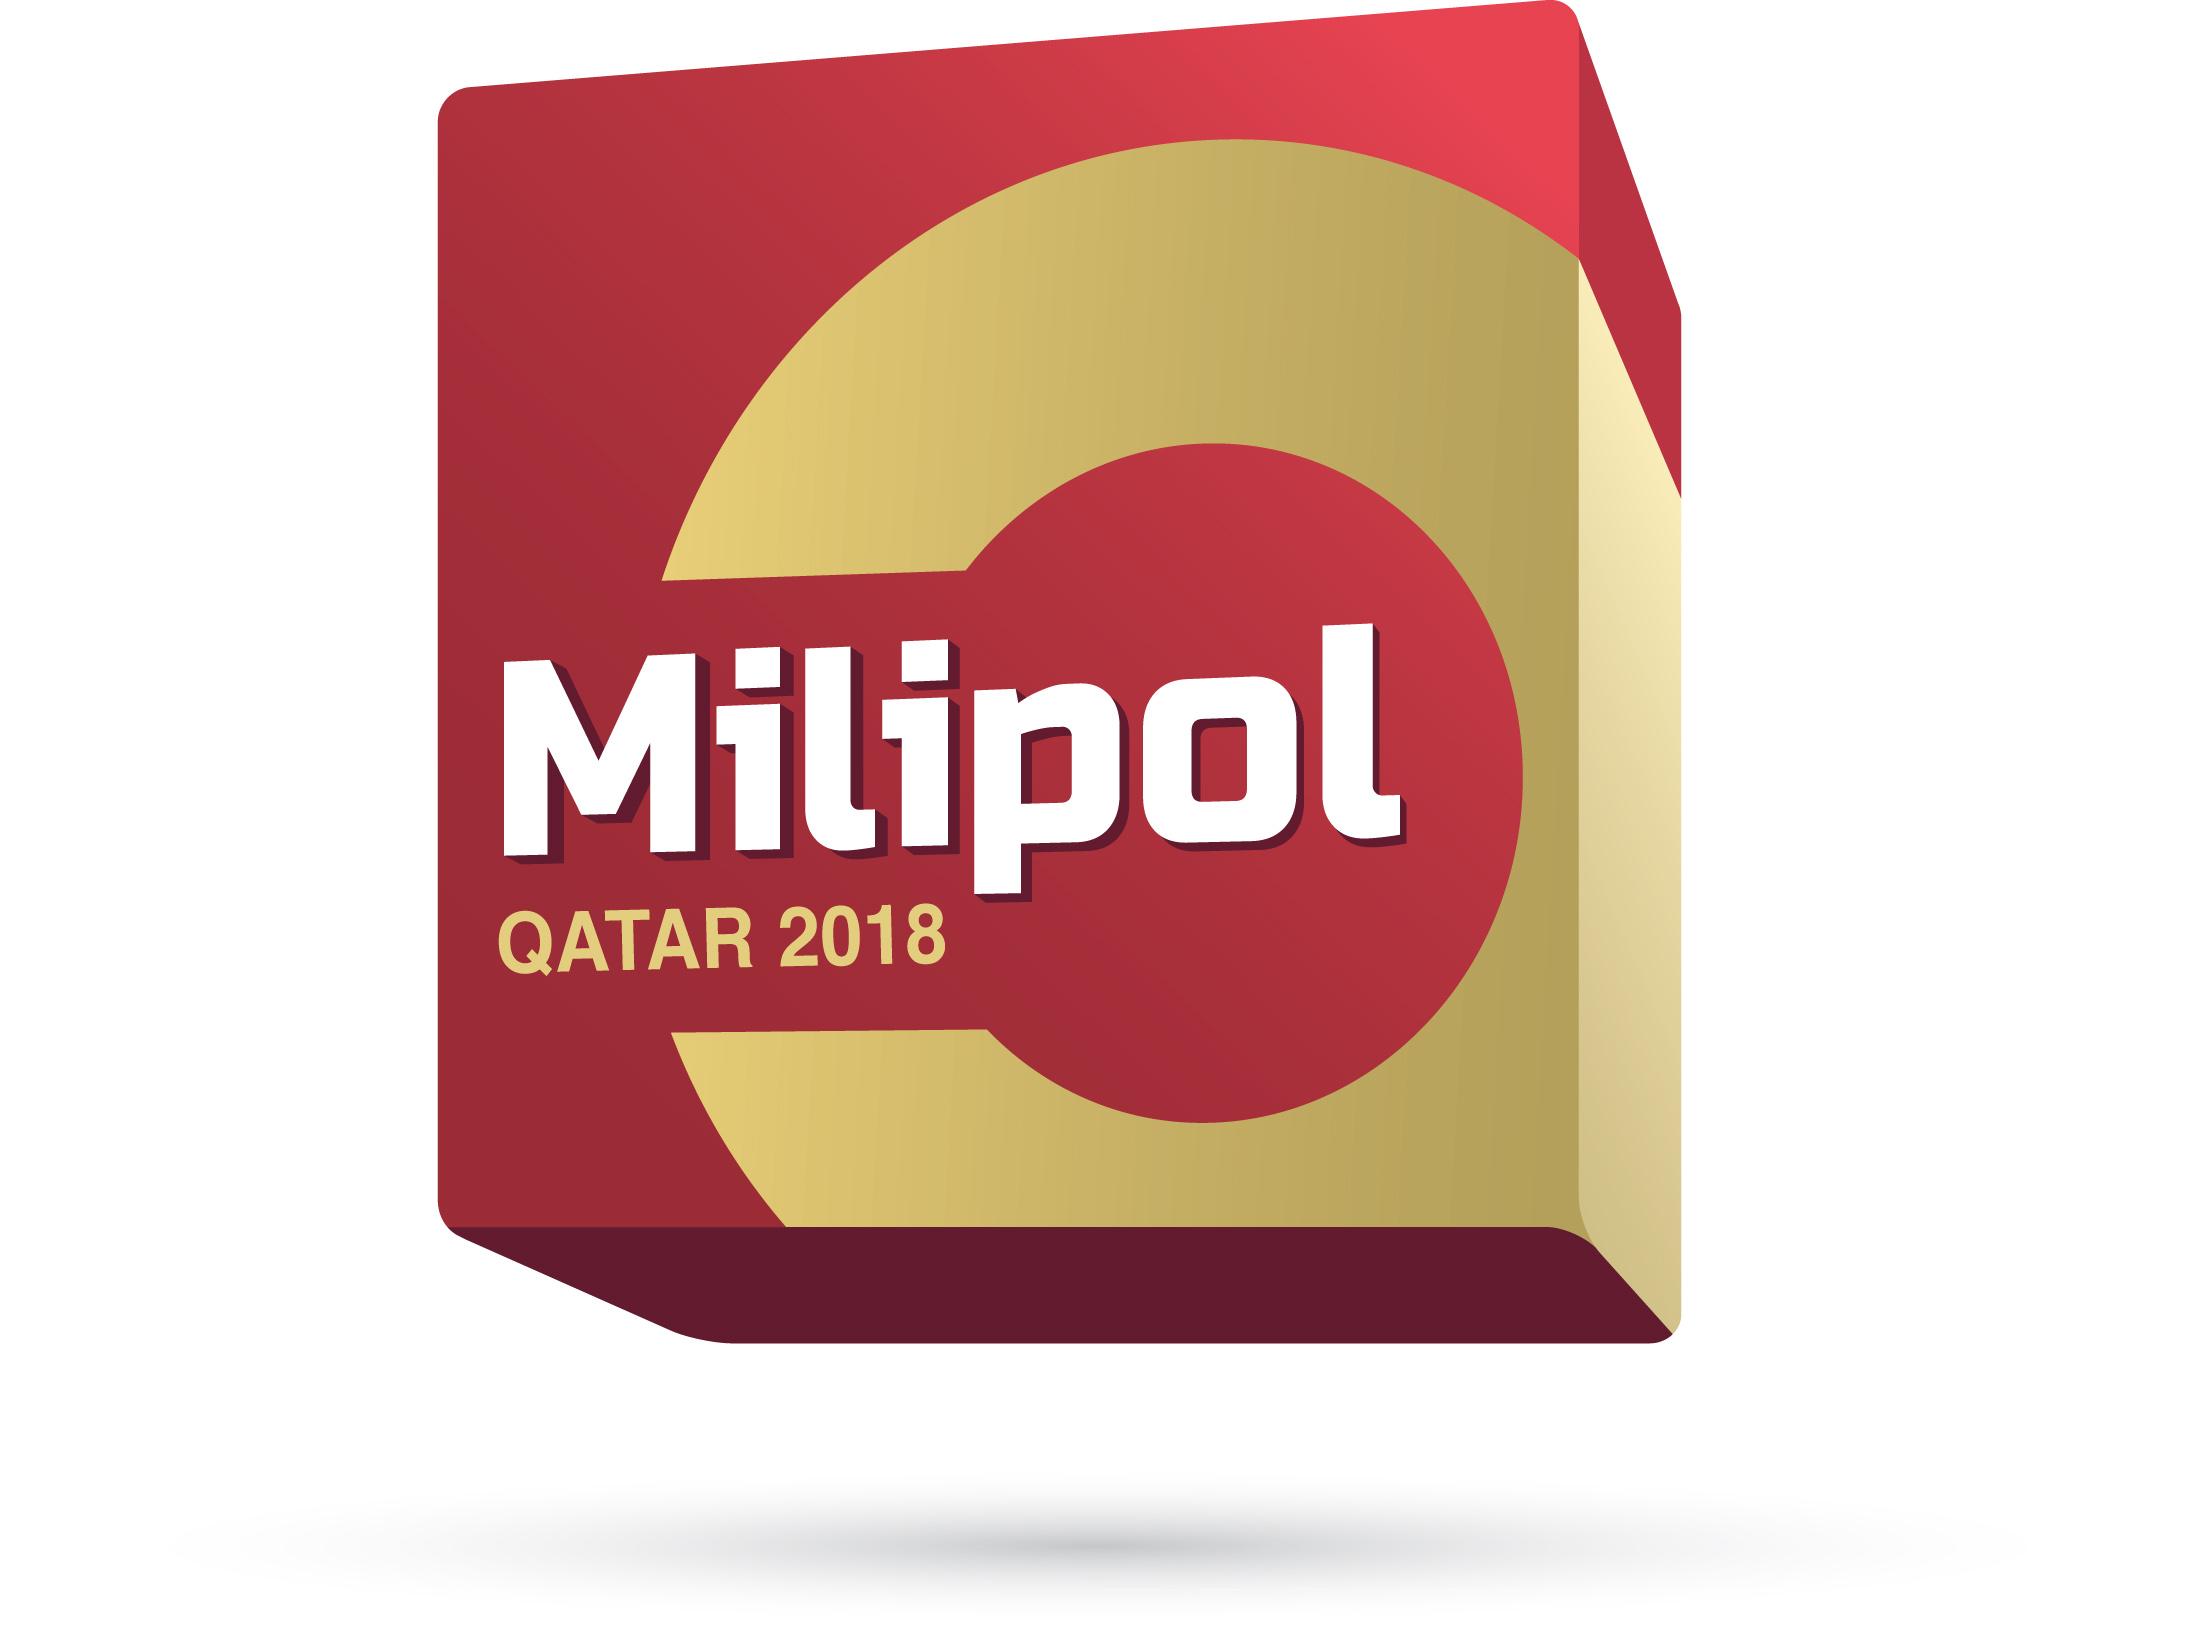 Milipol Qatar 2018